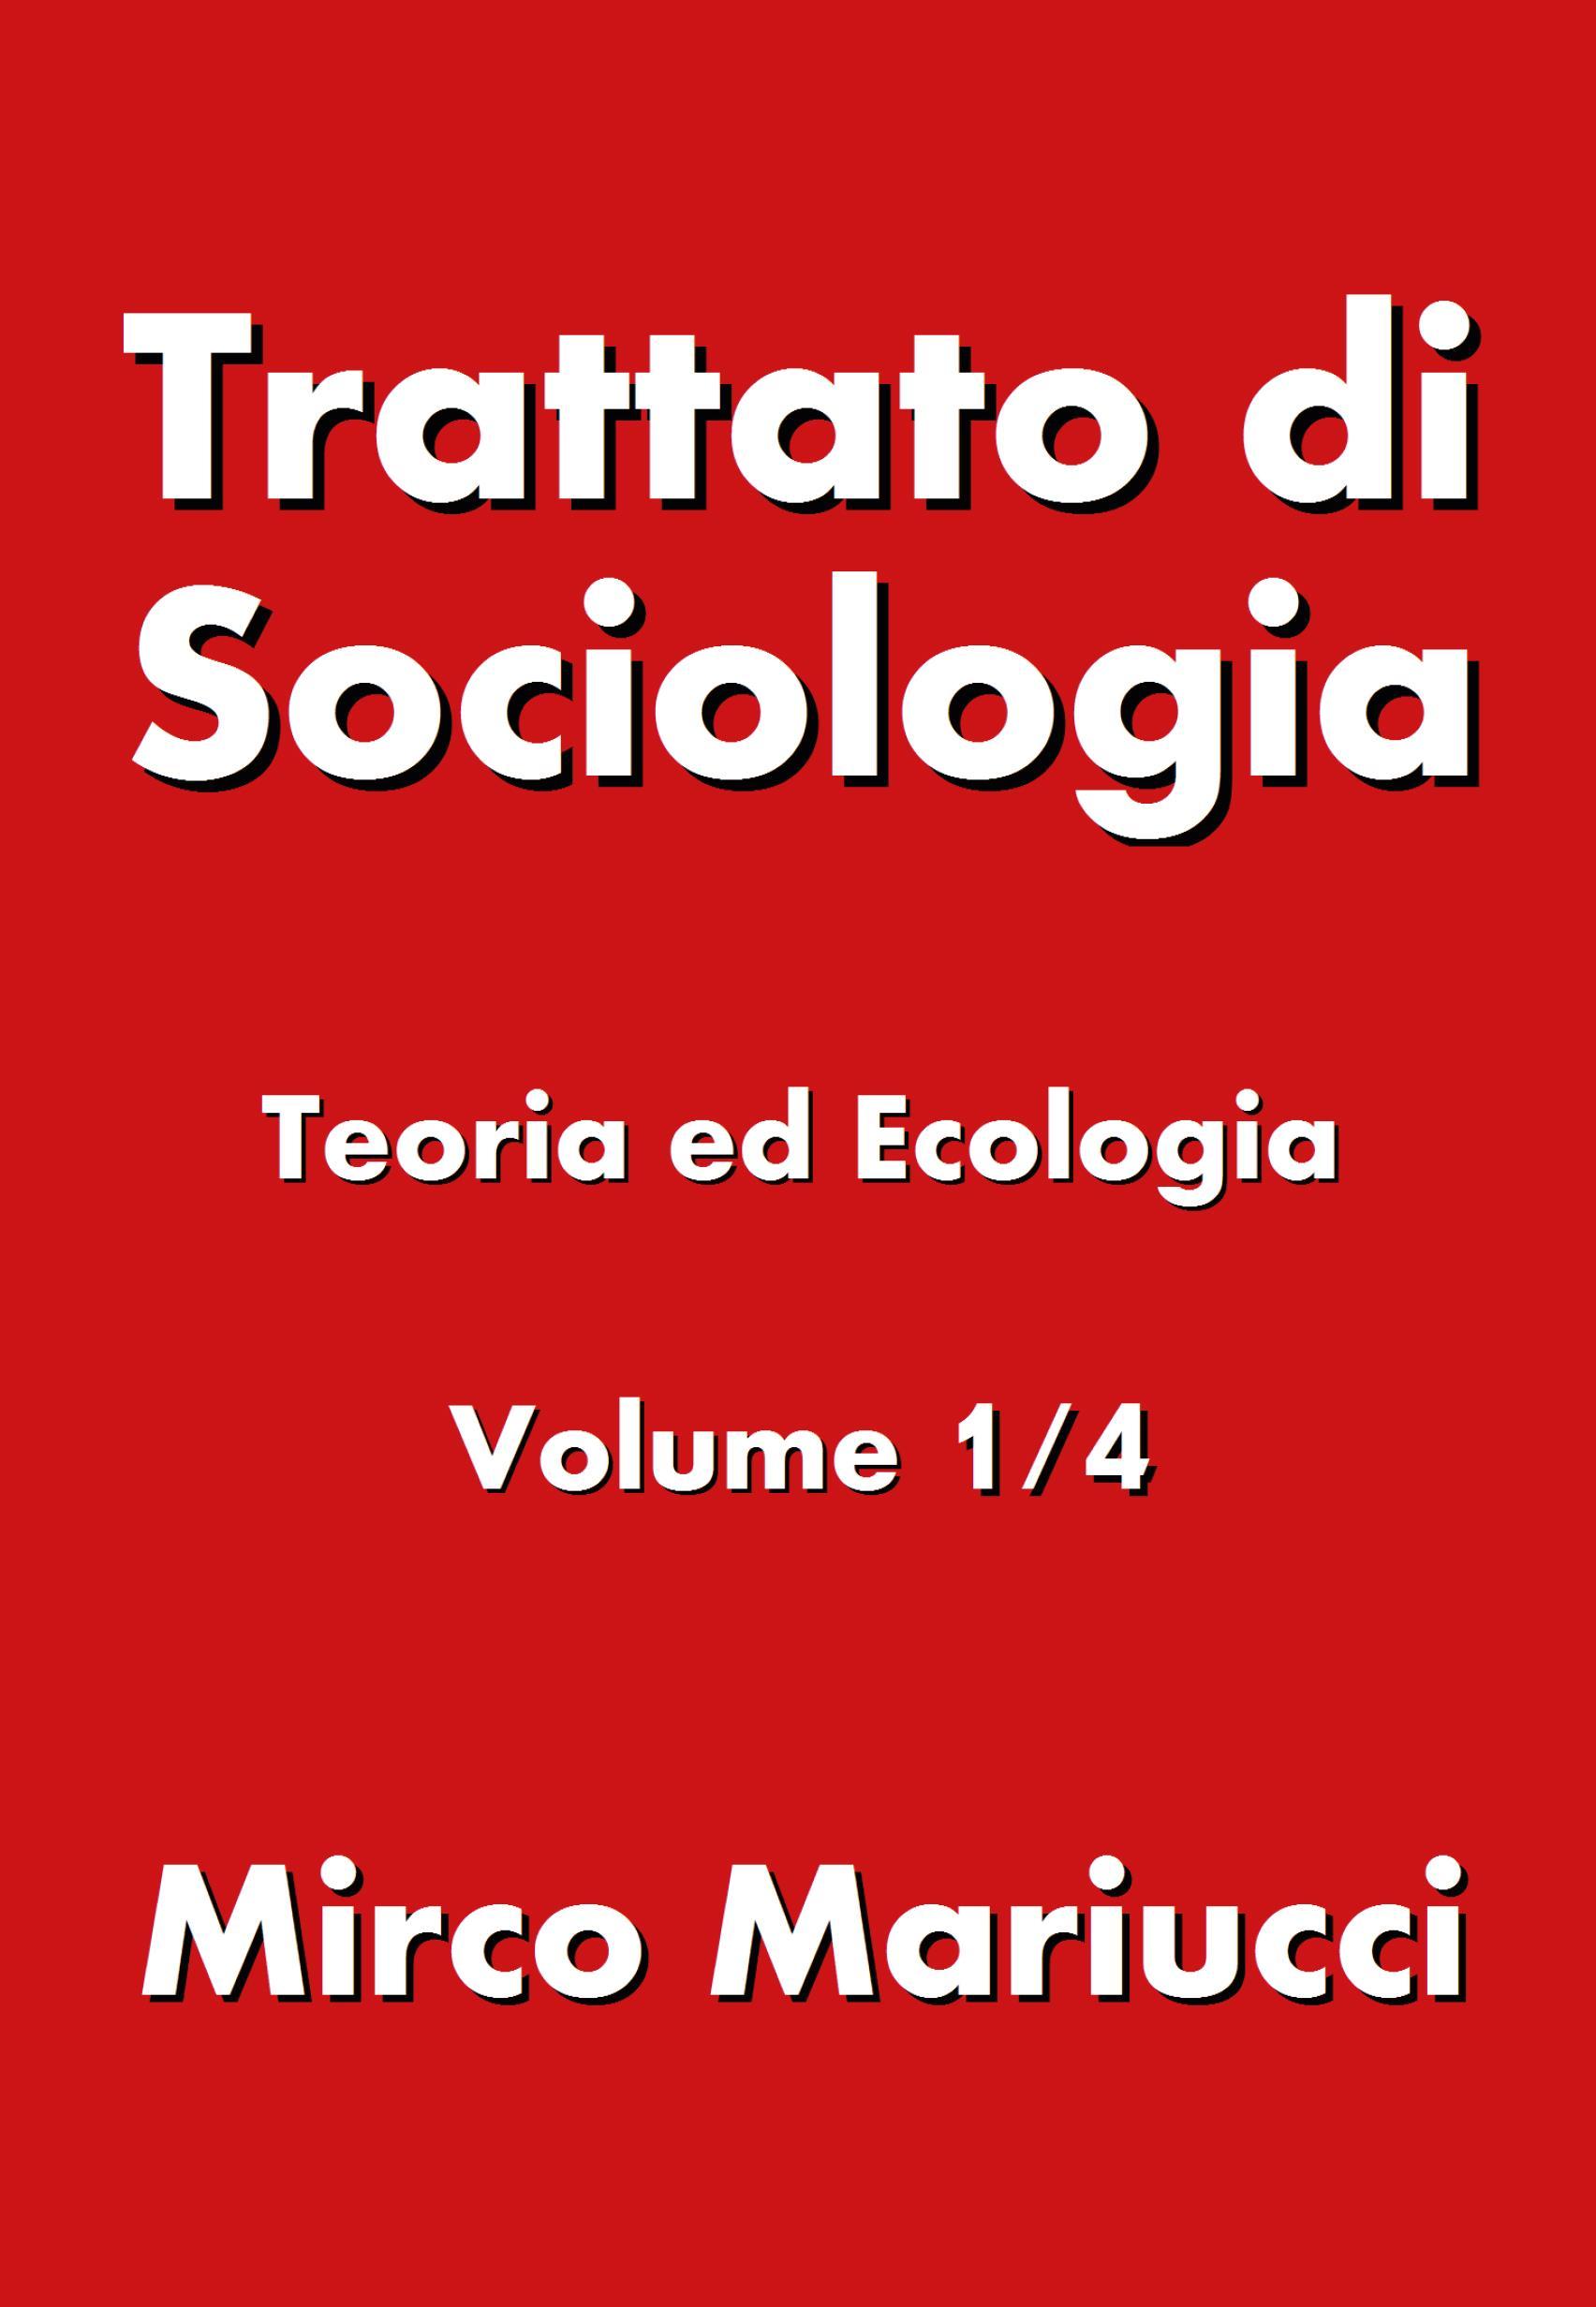 Trattato di Sociologia: Teoria ed Ecologia. Volume 1/4